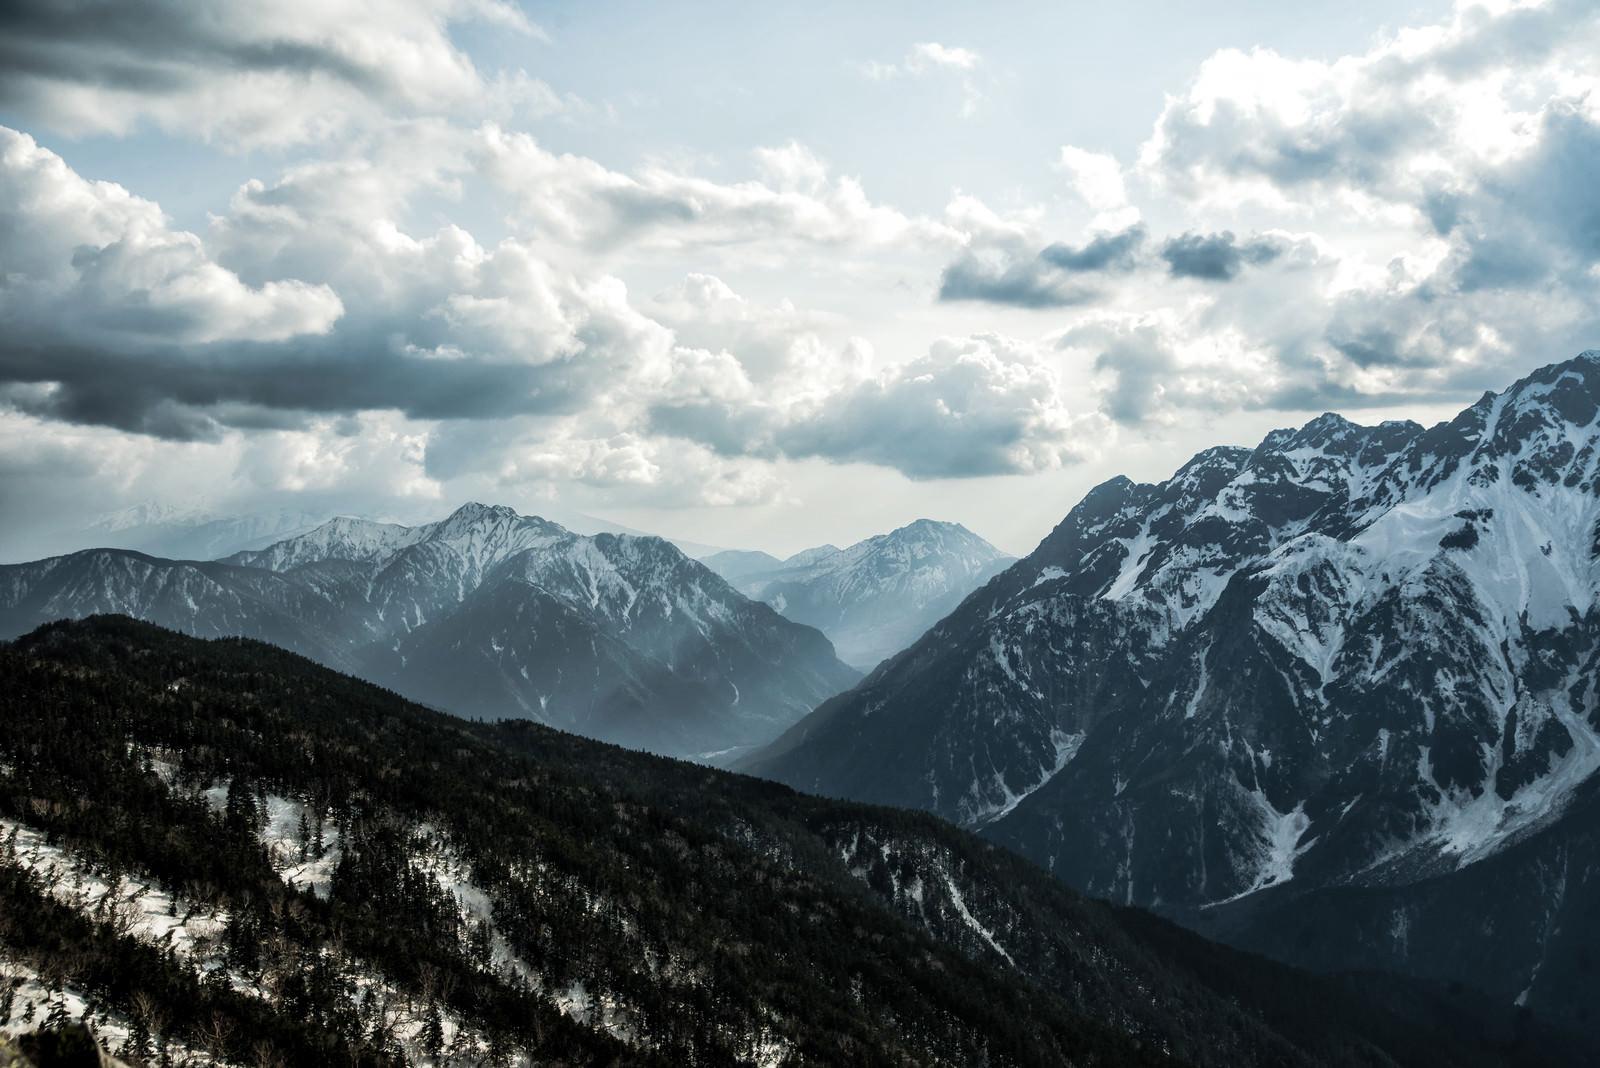 「蝶ヶ岳から望む霞沢岳と焼岳」の写真